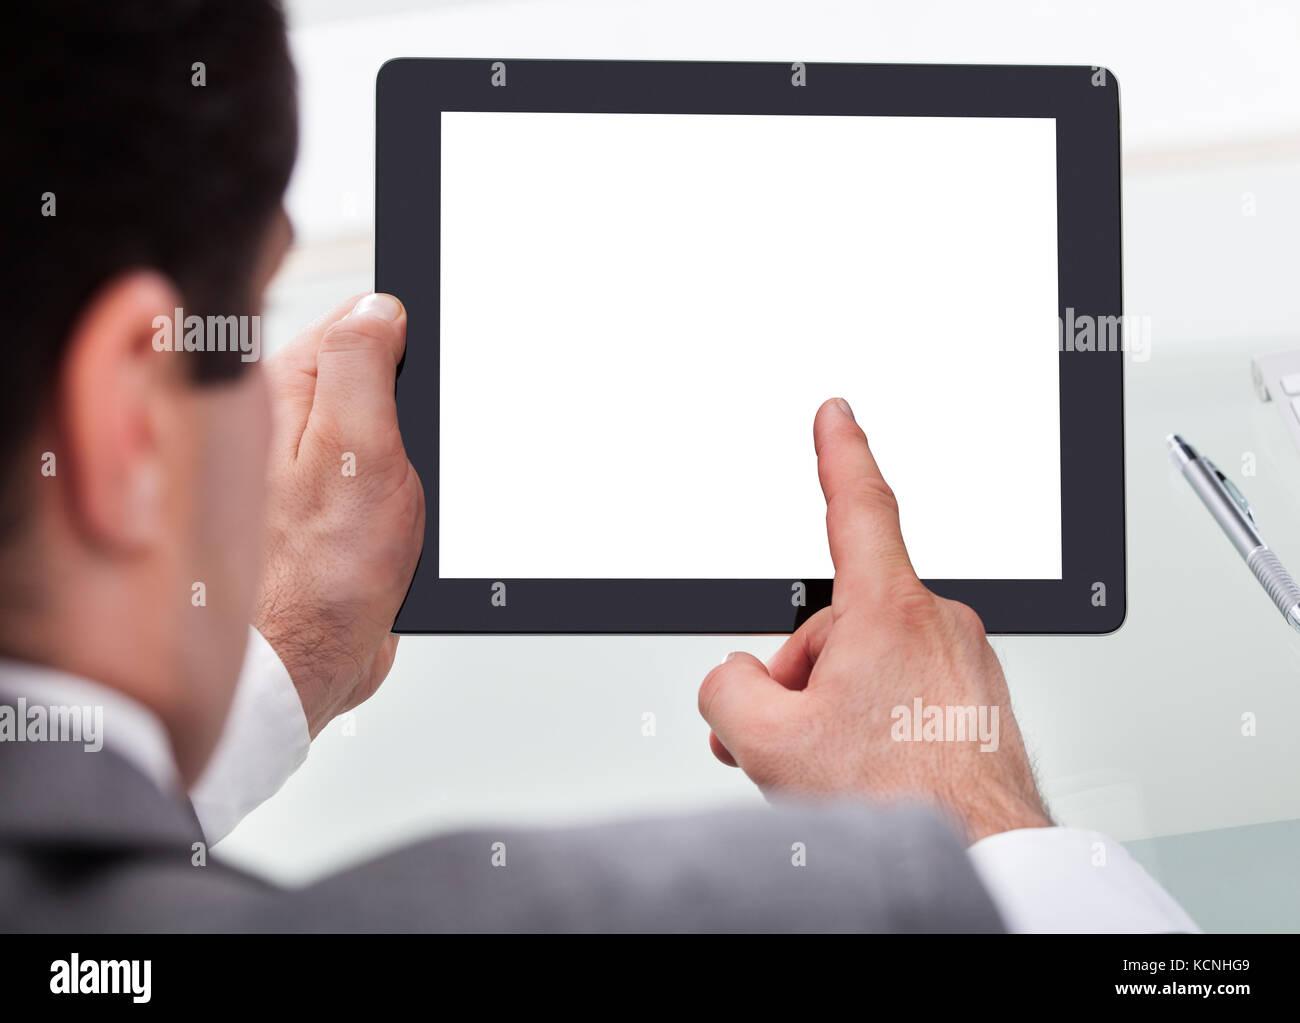 Close-up Of A Businessman Holding Digital Tablet On Desk - Stock Image